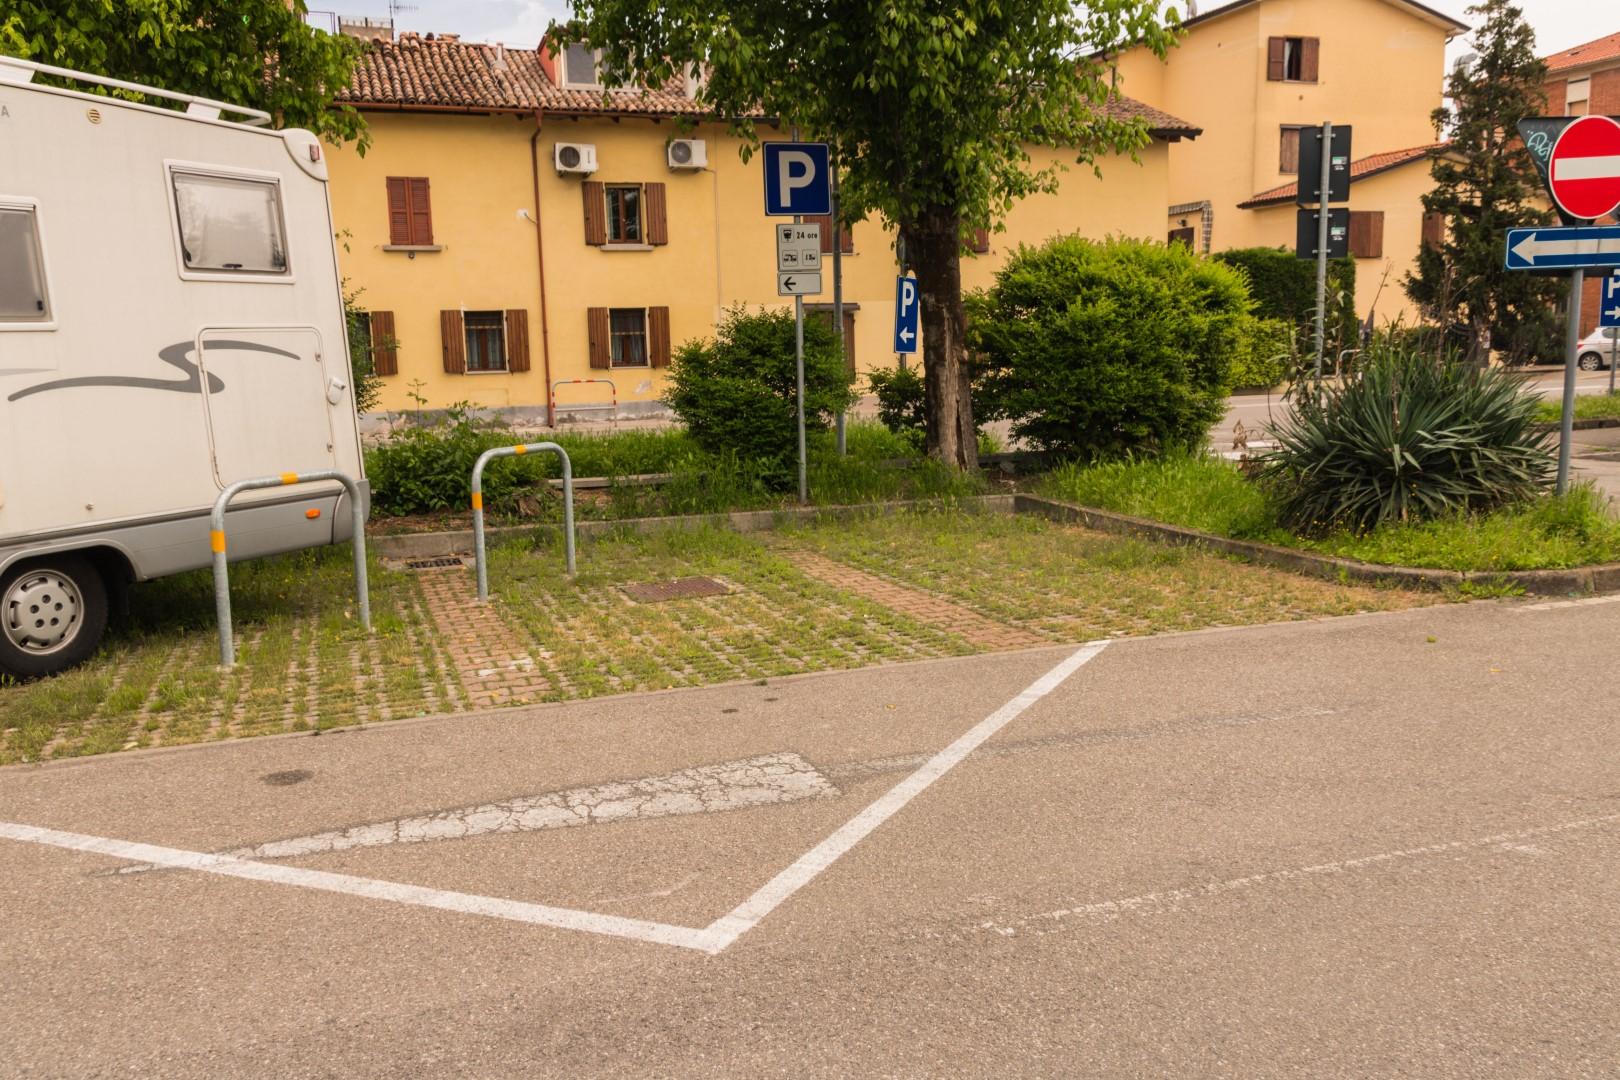 camper Reggio Emilia piazzola